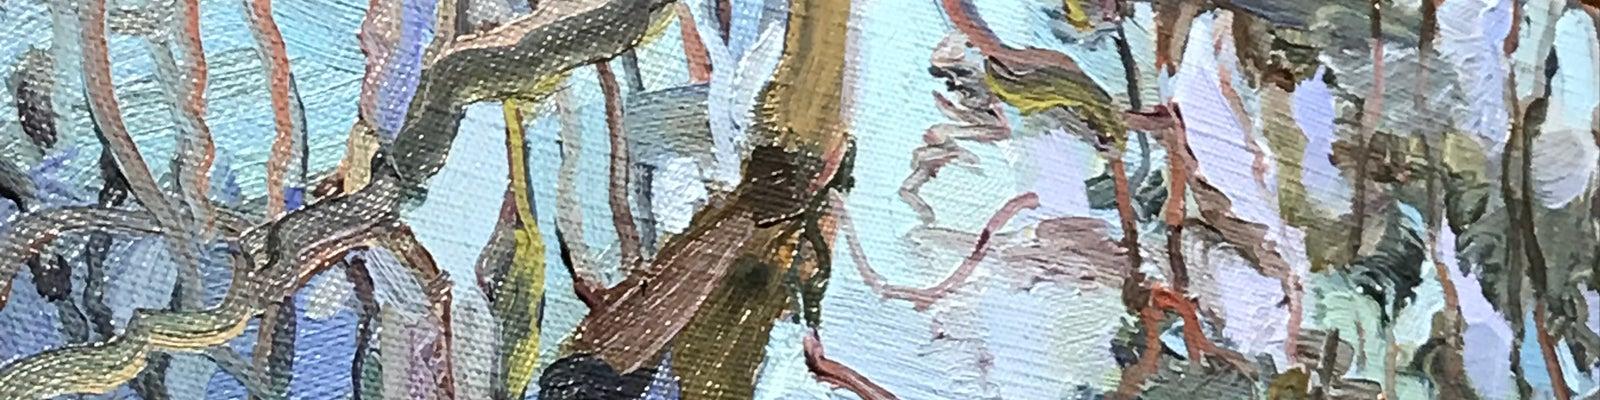 Art In The Fields Gallery